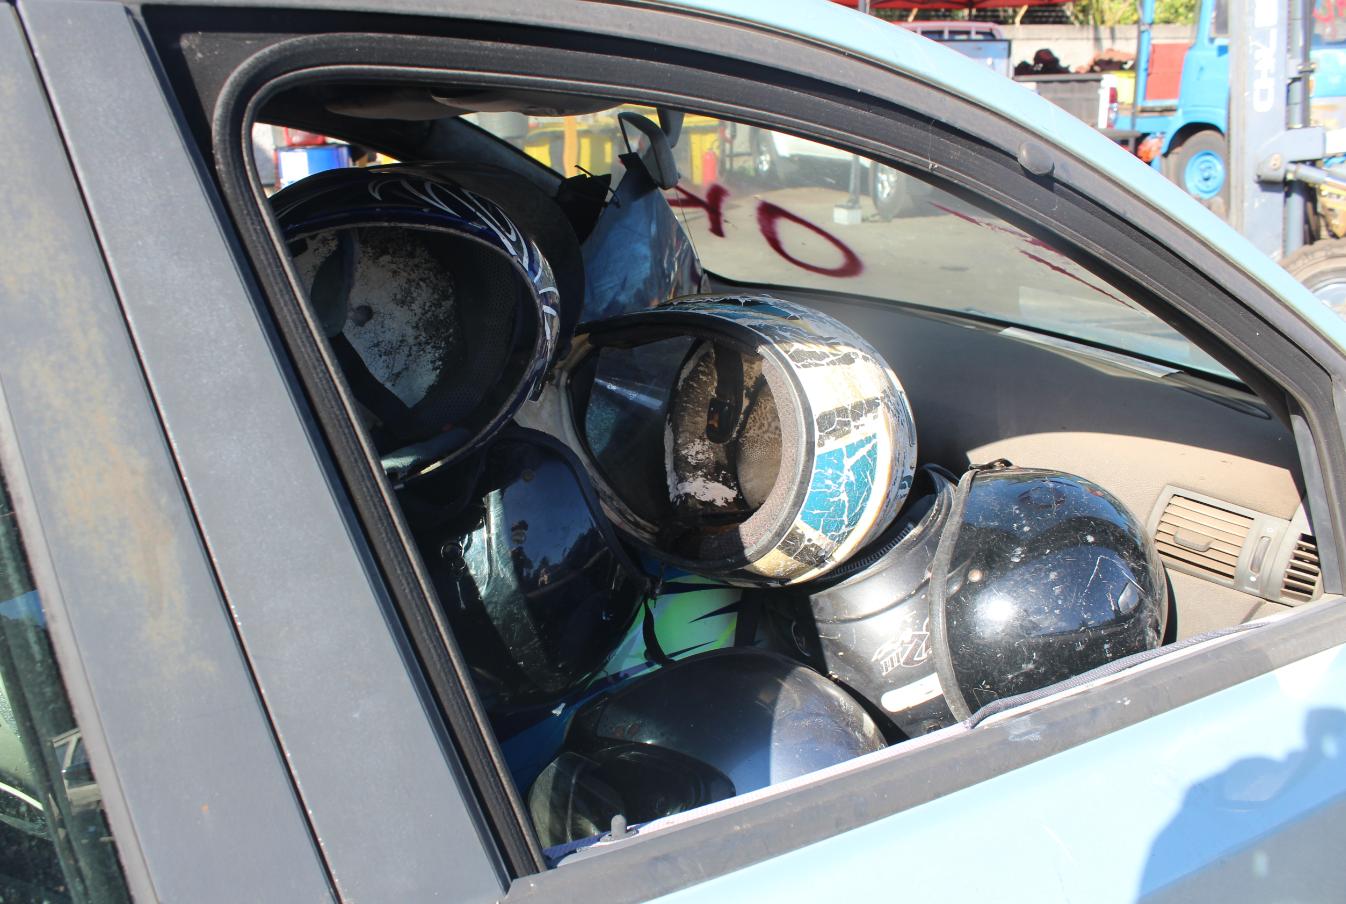 Au total, ce sont environ 400 casques et 30 kits moteur, ayant servi au débridage de deux-roues, qui ont vécu hier leur dernier leur jour.